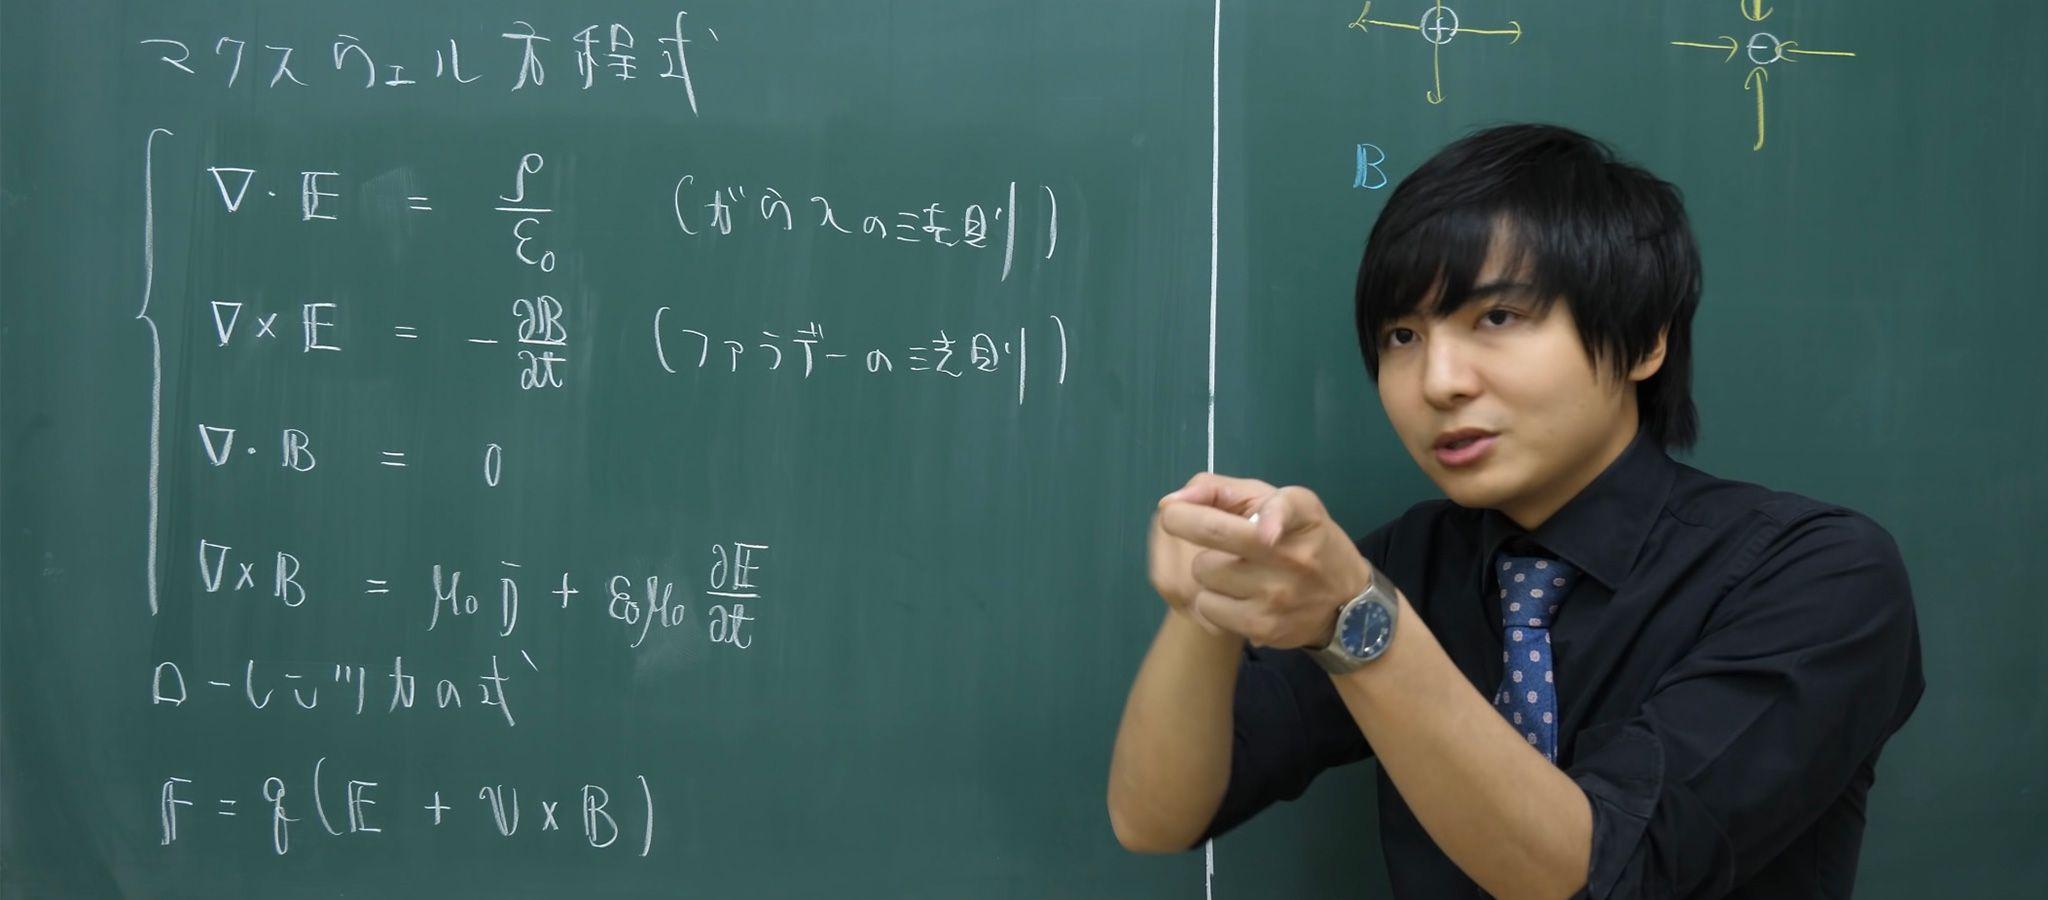 「理系学生の理系離れ」のなぜ、深刻な挫折理由